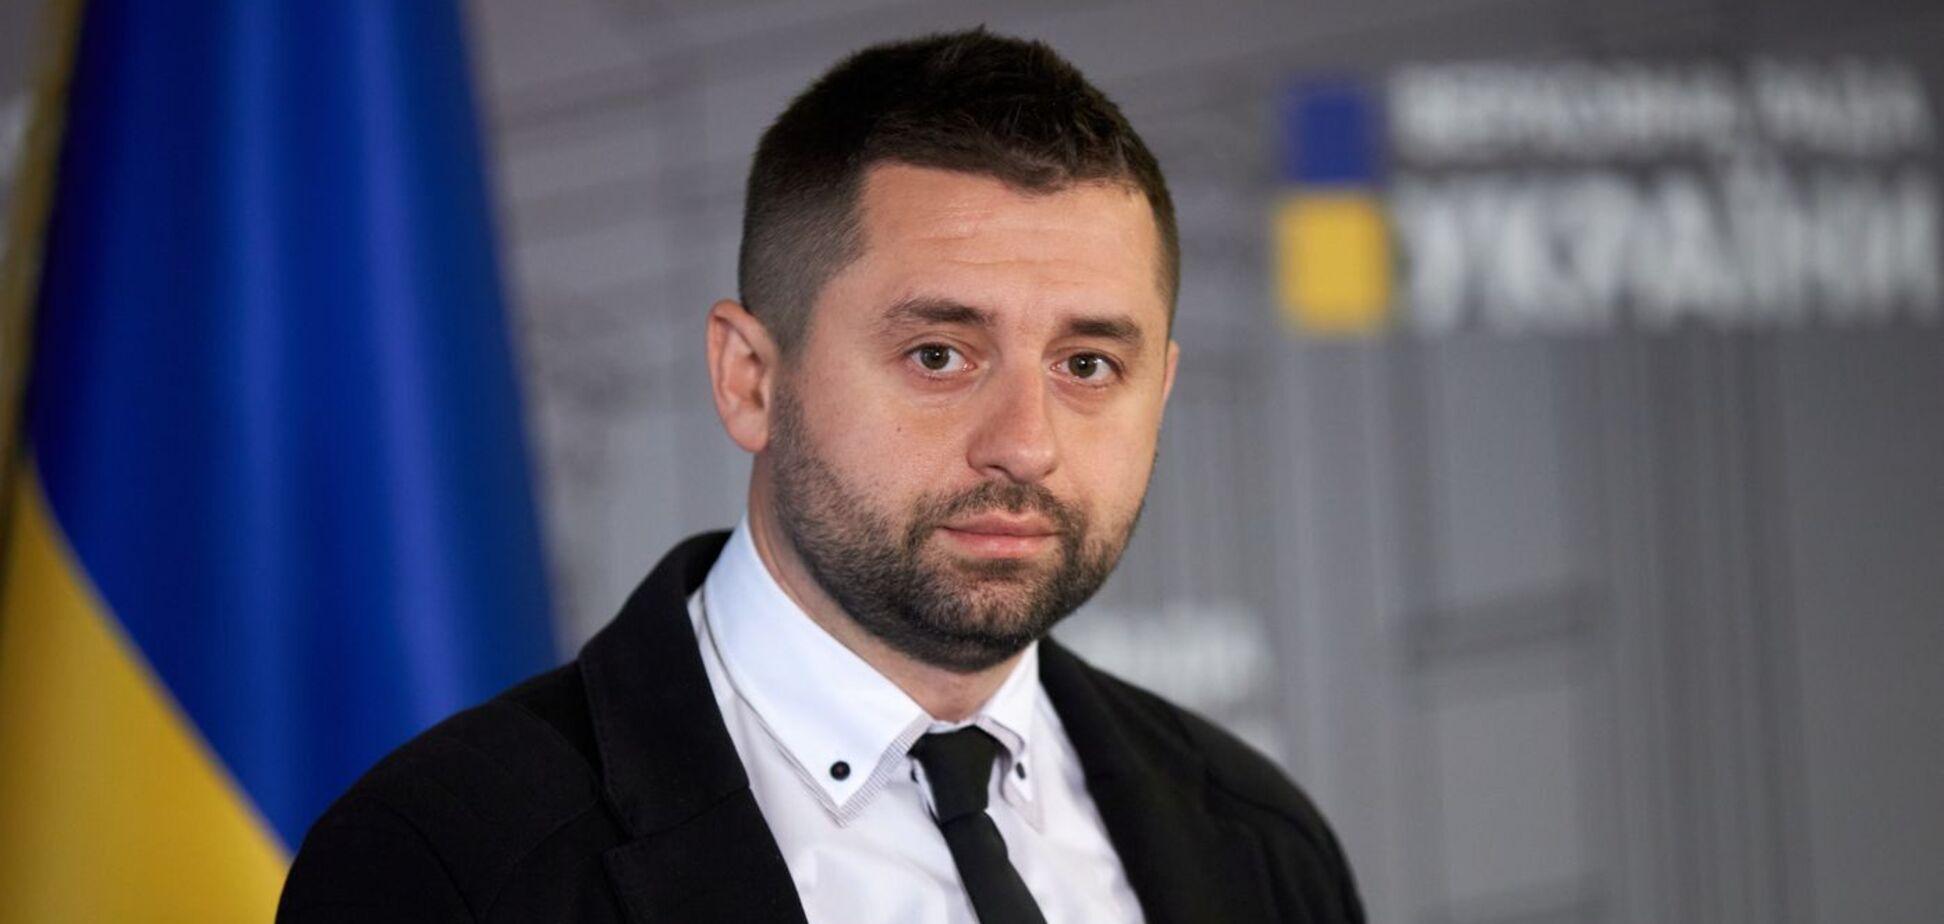 Арахамія заявив, що широке висвітлення агресії РФ погано впливає на Україну